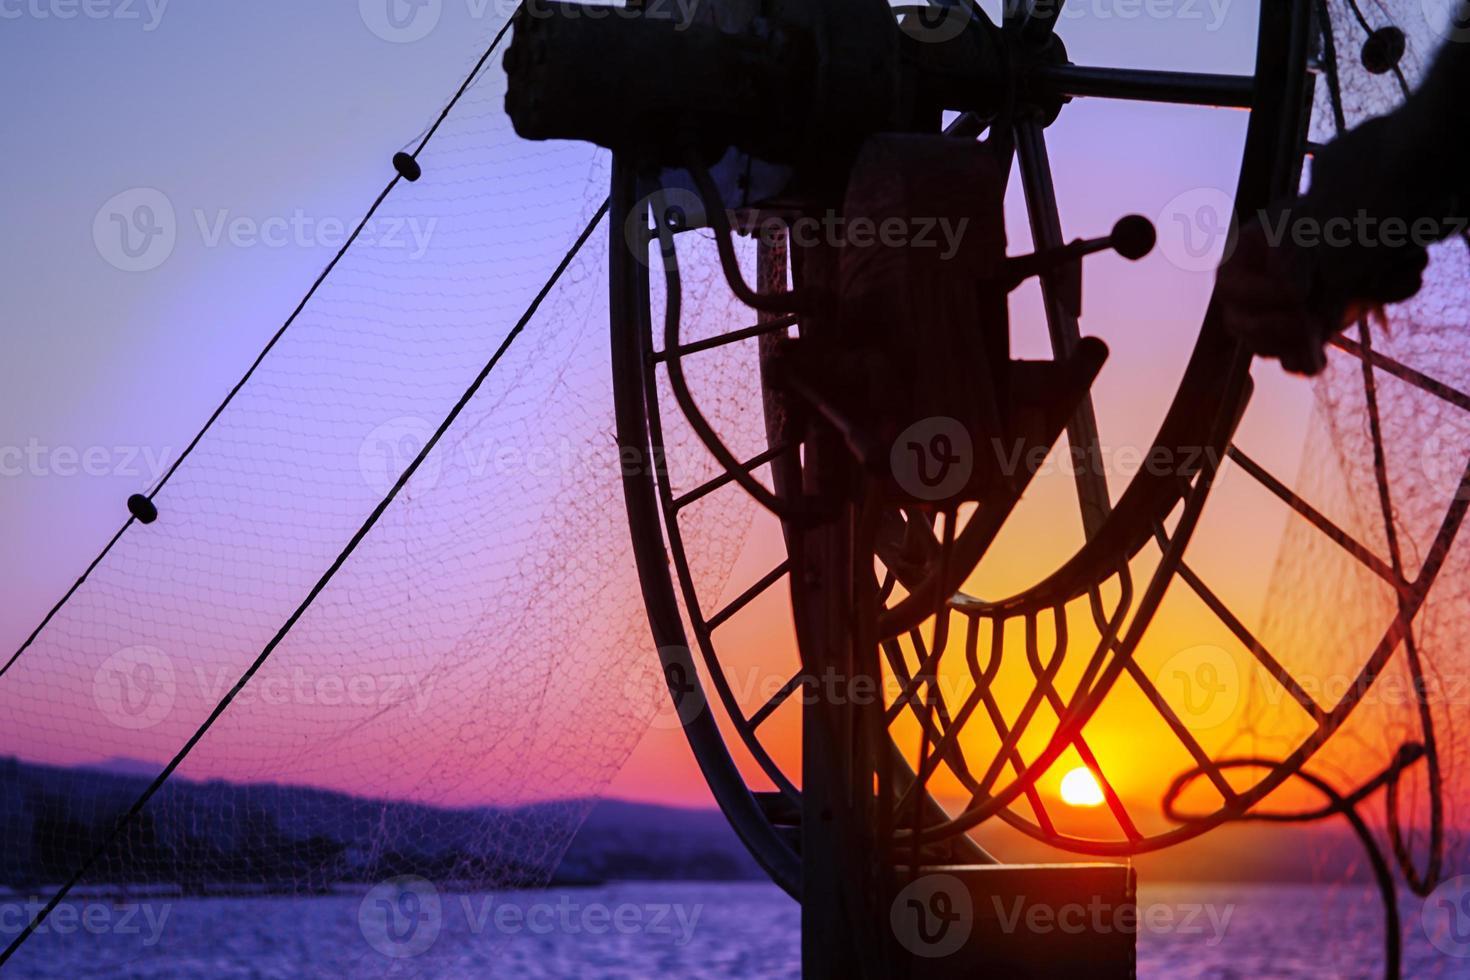 fiske på båt i havet foto